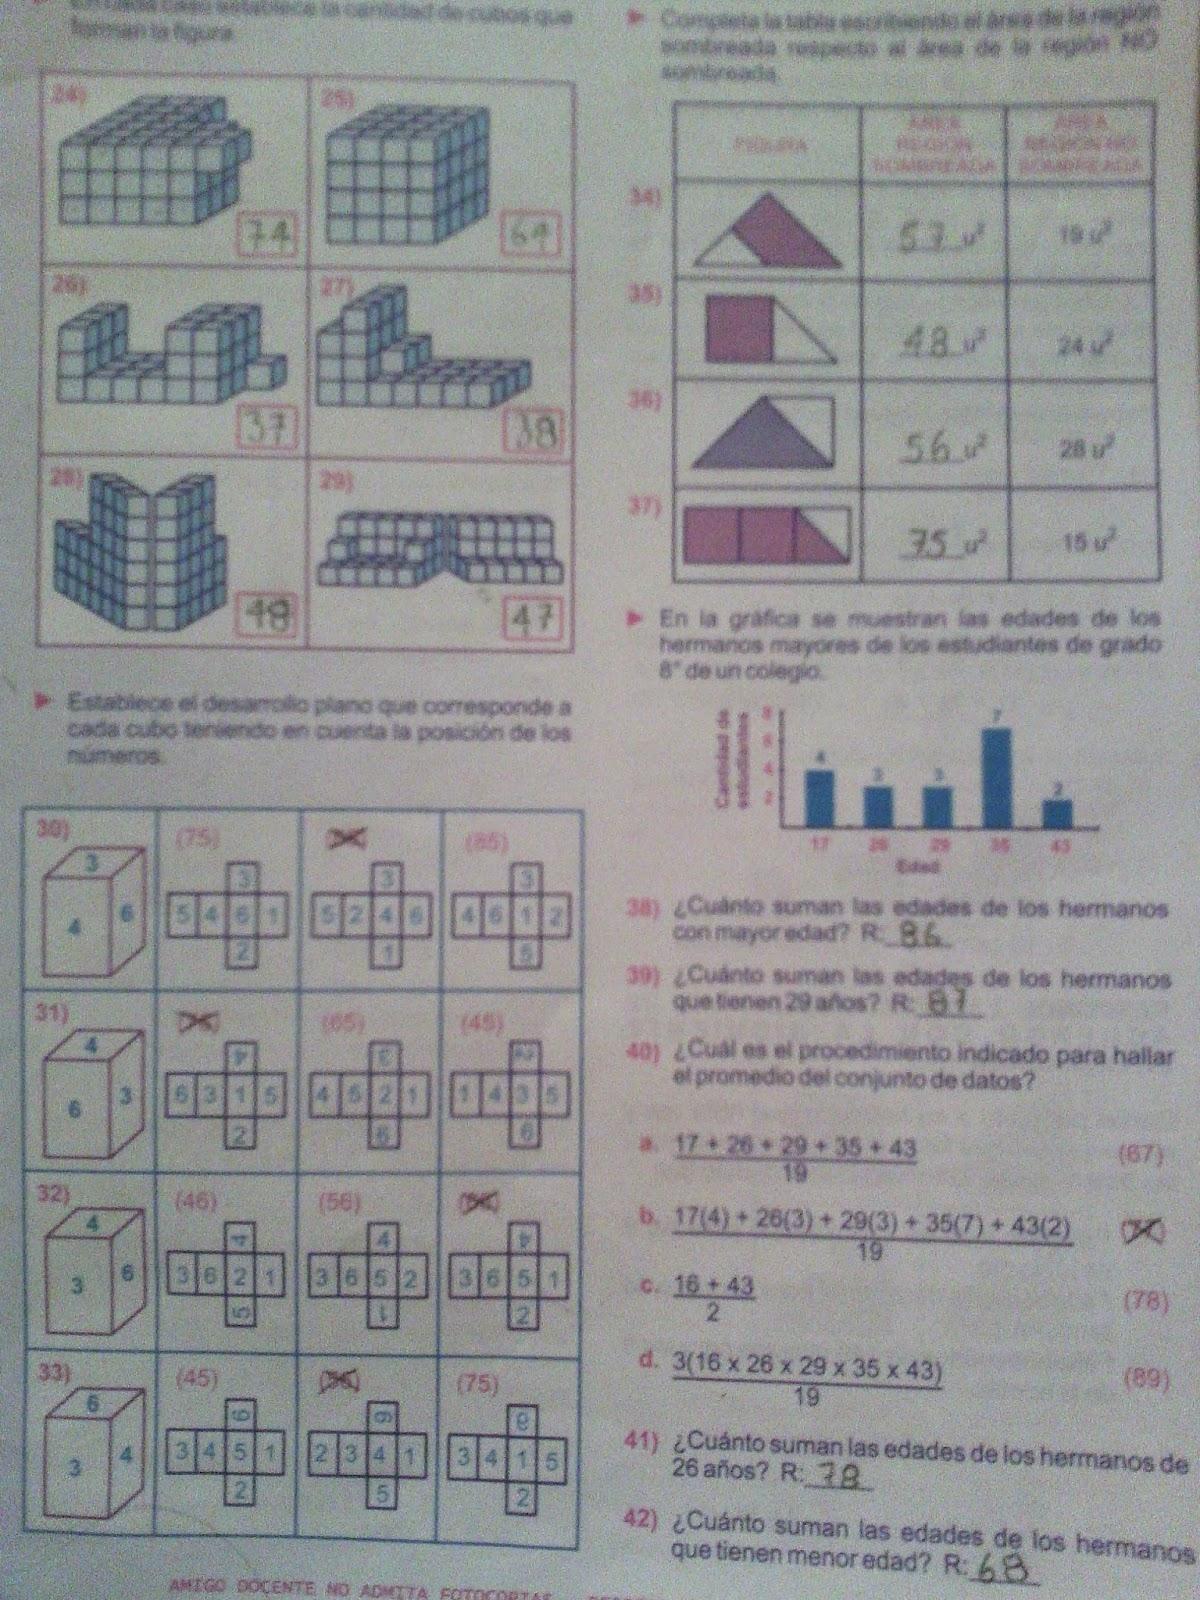 Moderno Hojas De Trabajo De Matemáticas De Grado 8 Con Respuestas ...